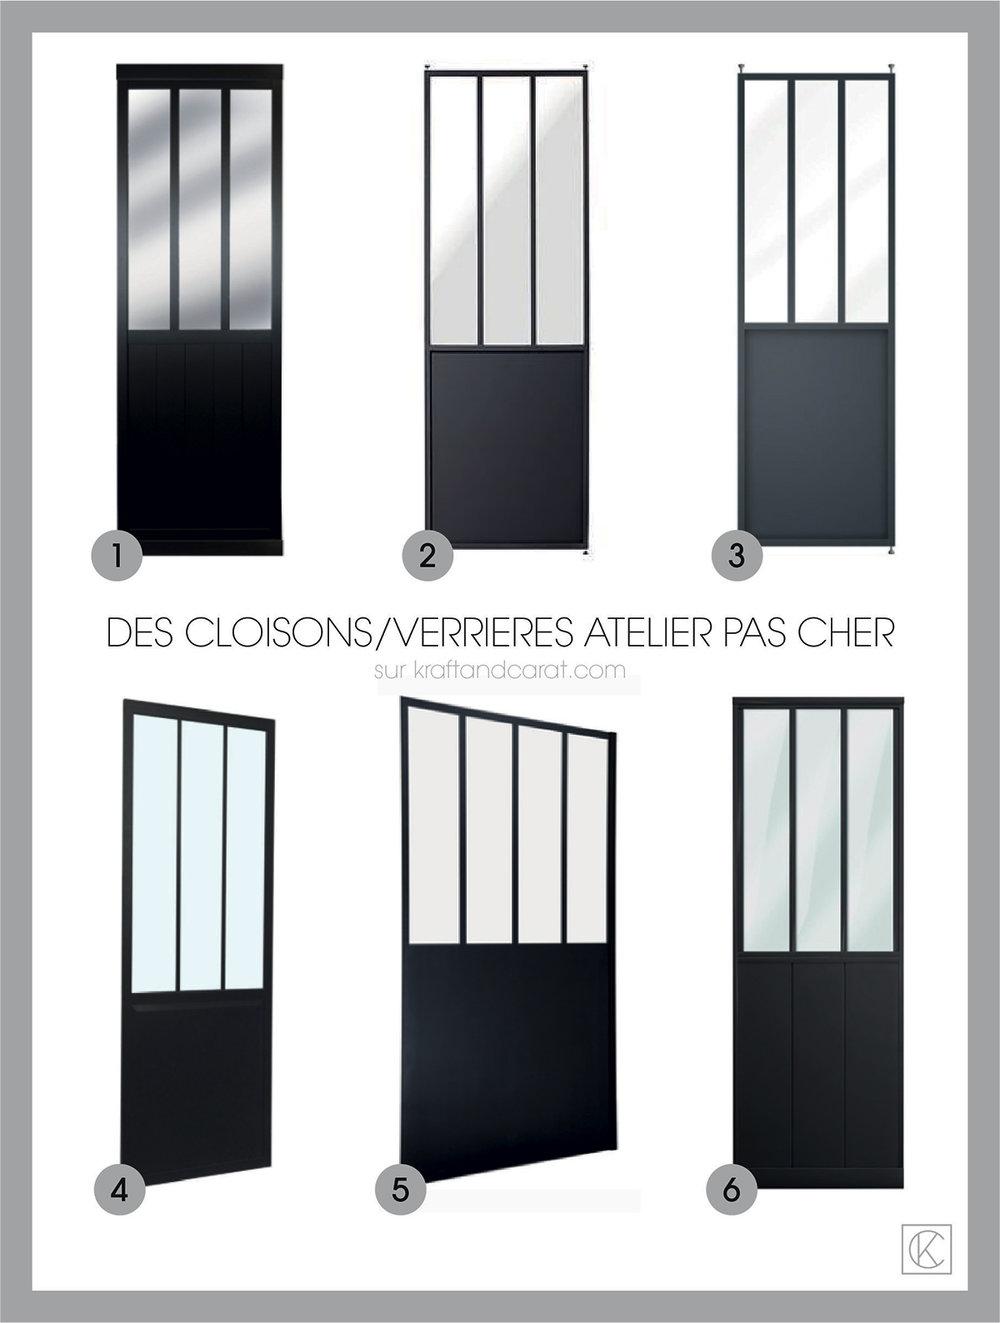 cloison-verriere-atelier-loft-pas-cher-kraftandcarat-bd